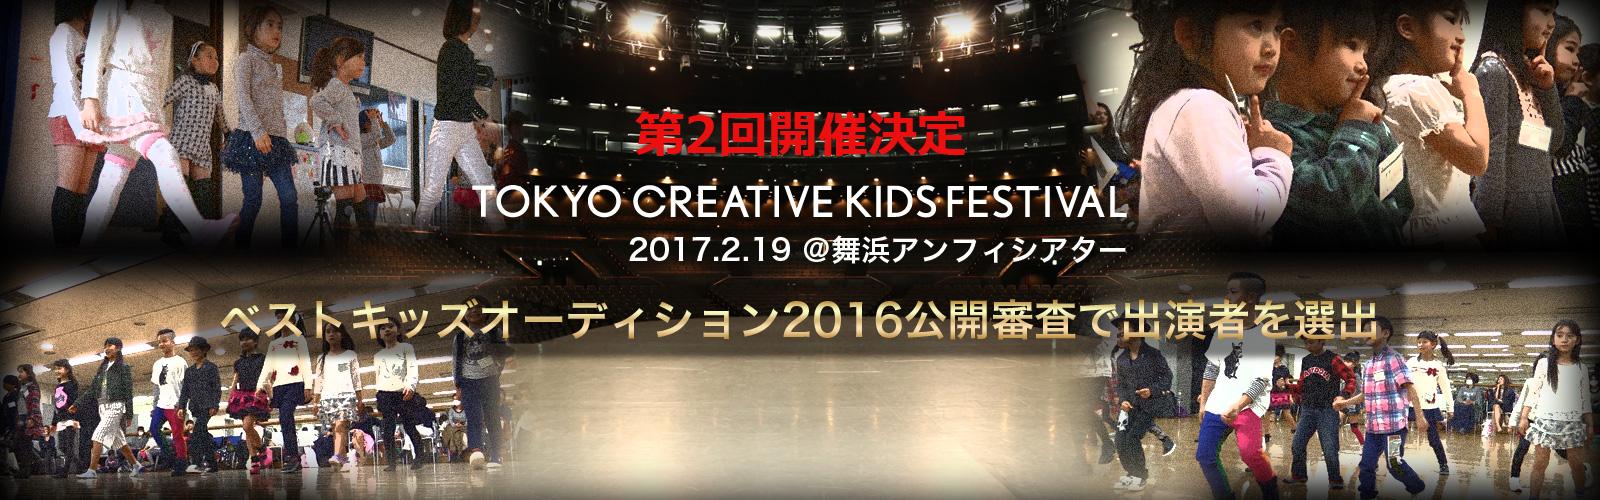 第2回Tokyo Creative Kids Festival開催決定